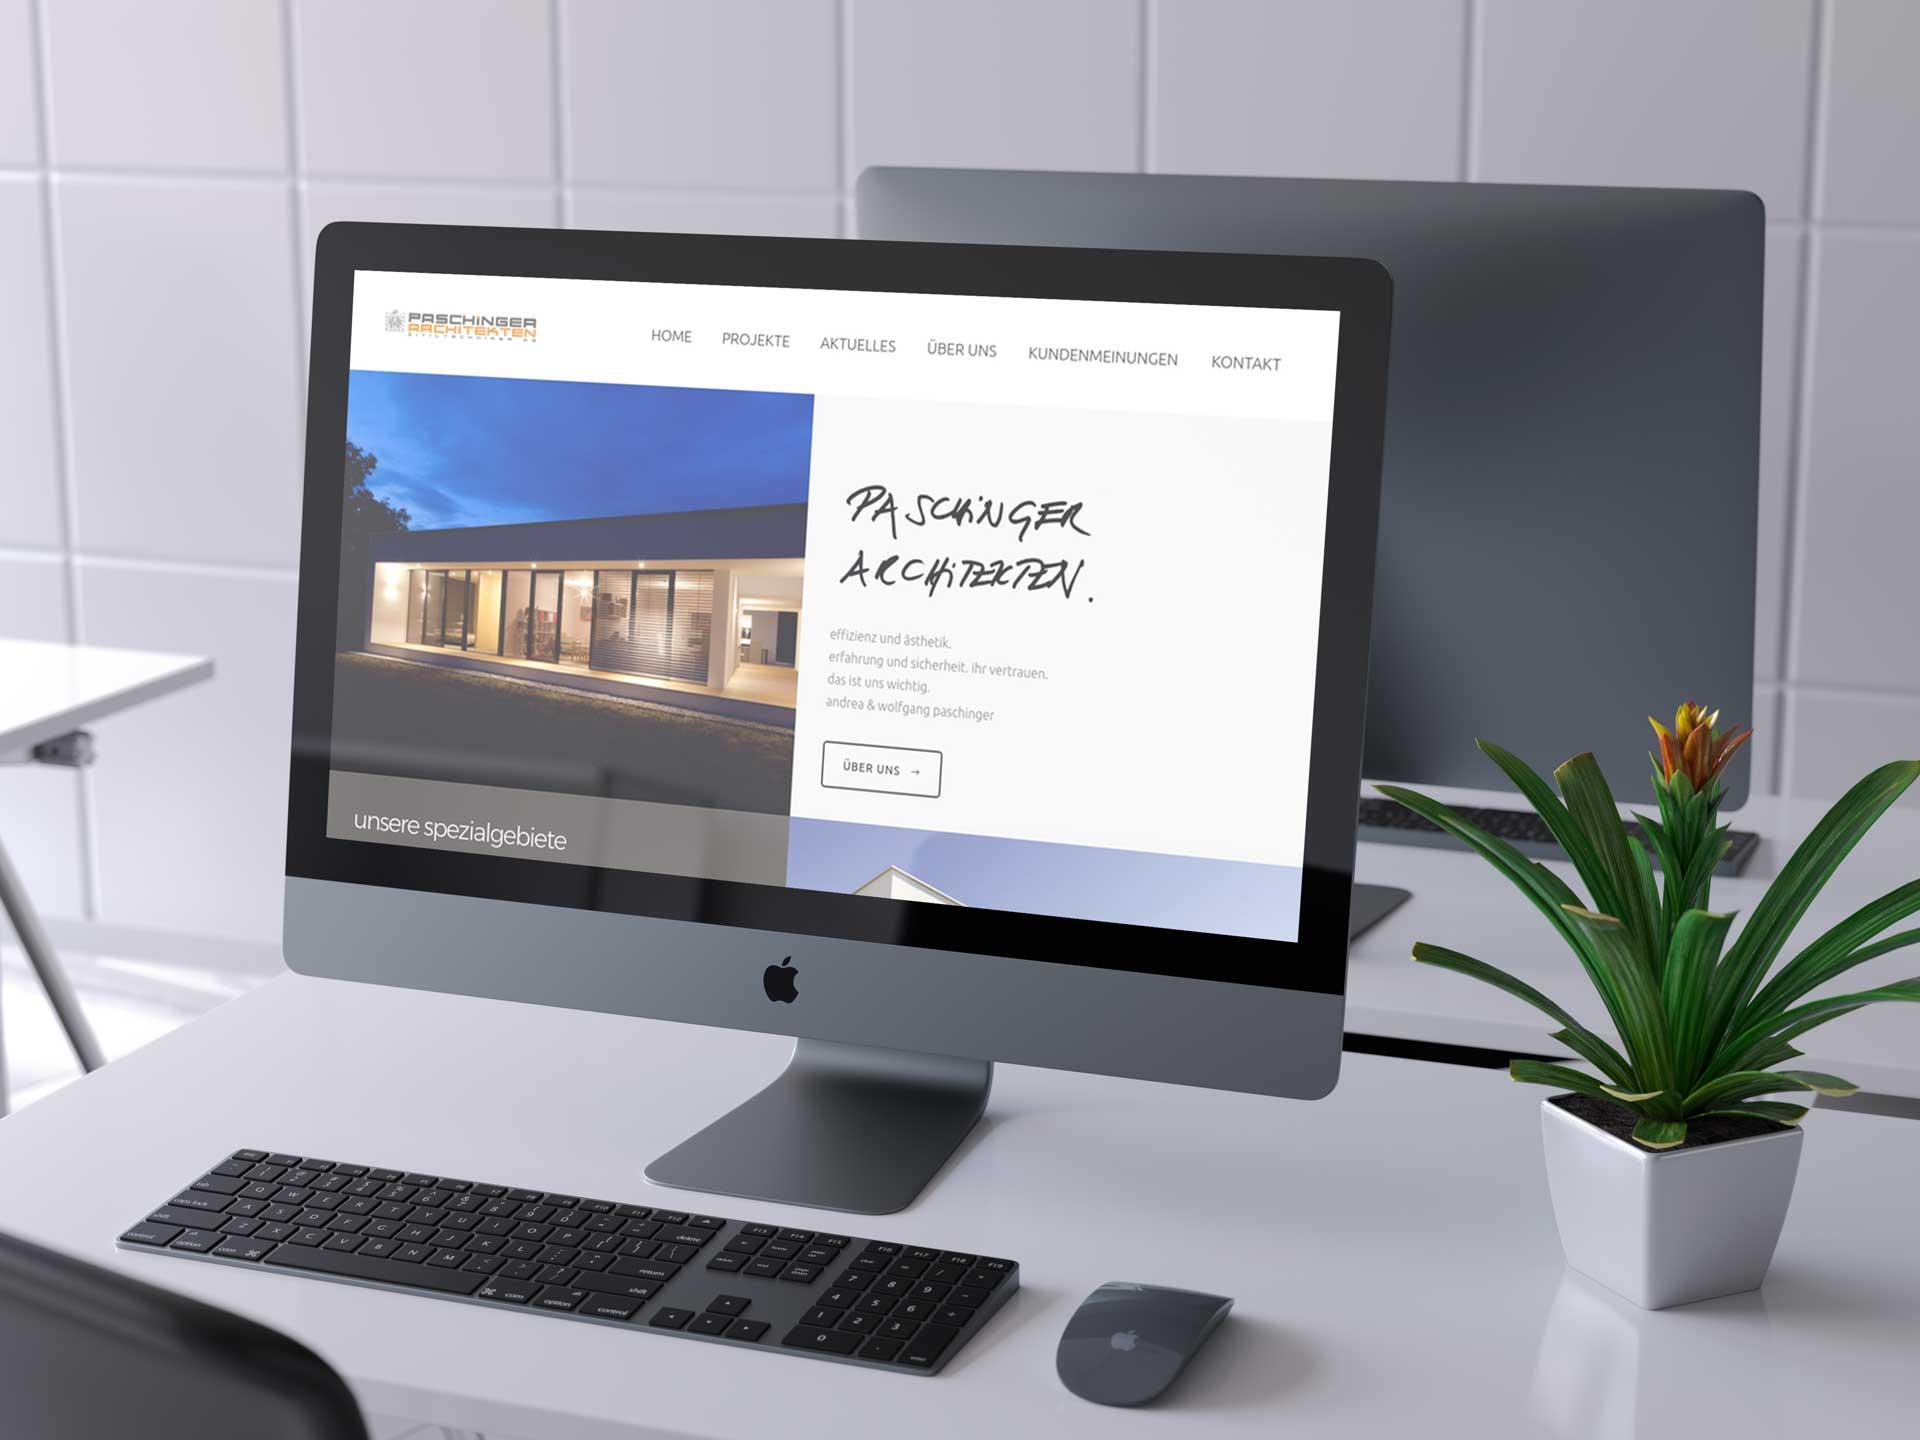 Gemeinsam mit Philip Baumgartner Foto.Grafik.Design haben die Paschinger Architekten eine neue Webseite erschaffen